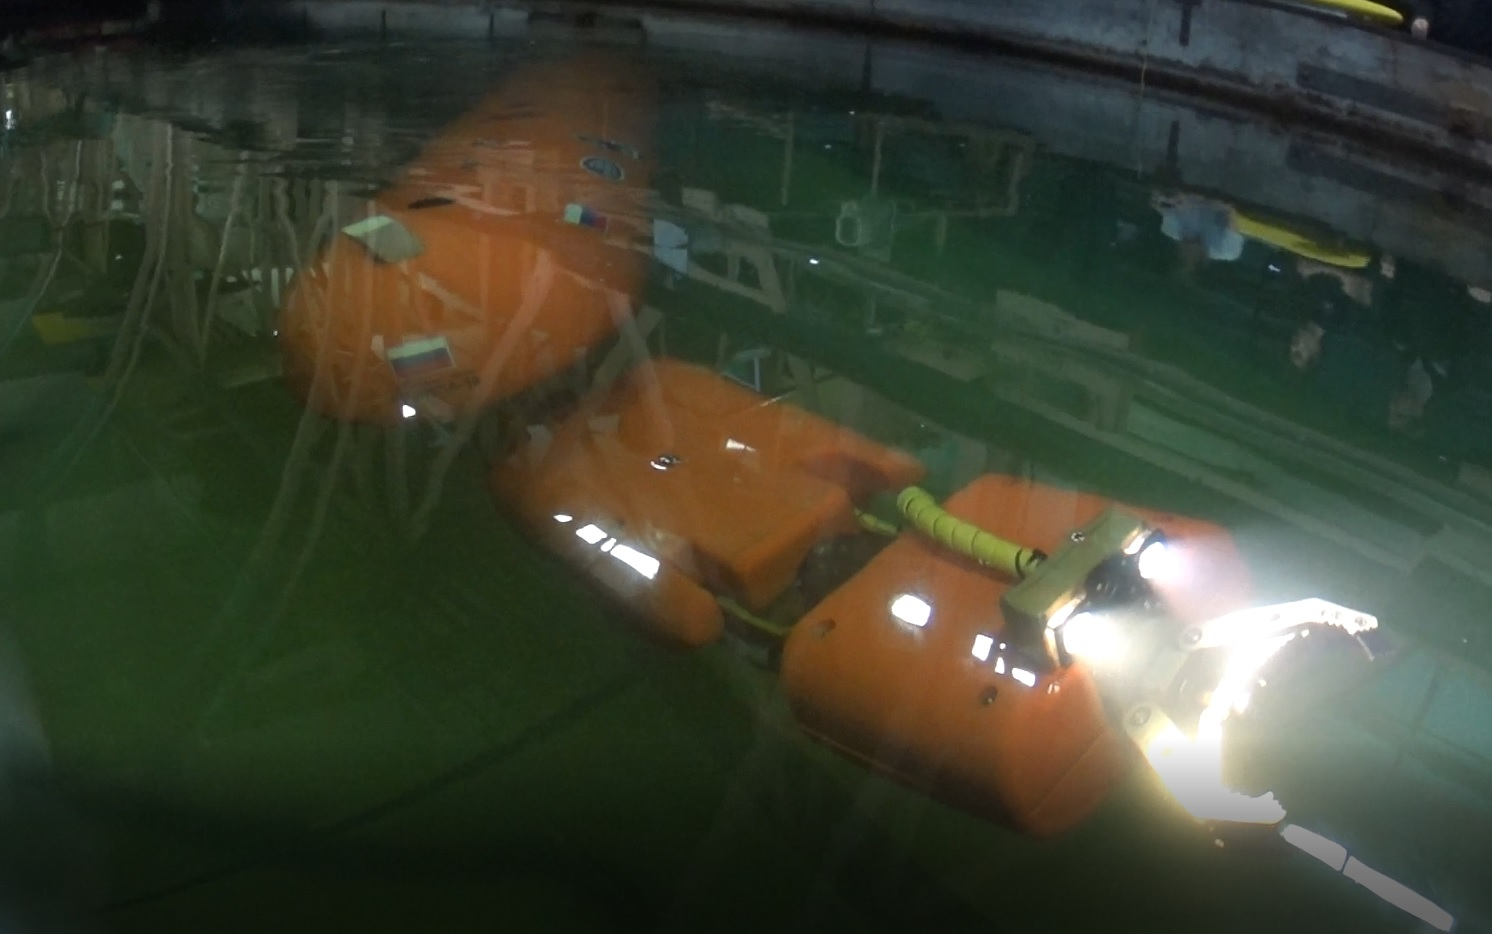 Океанос_ испытания АНПА в бассейне СПбГМТУ